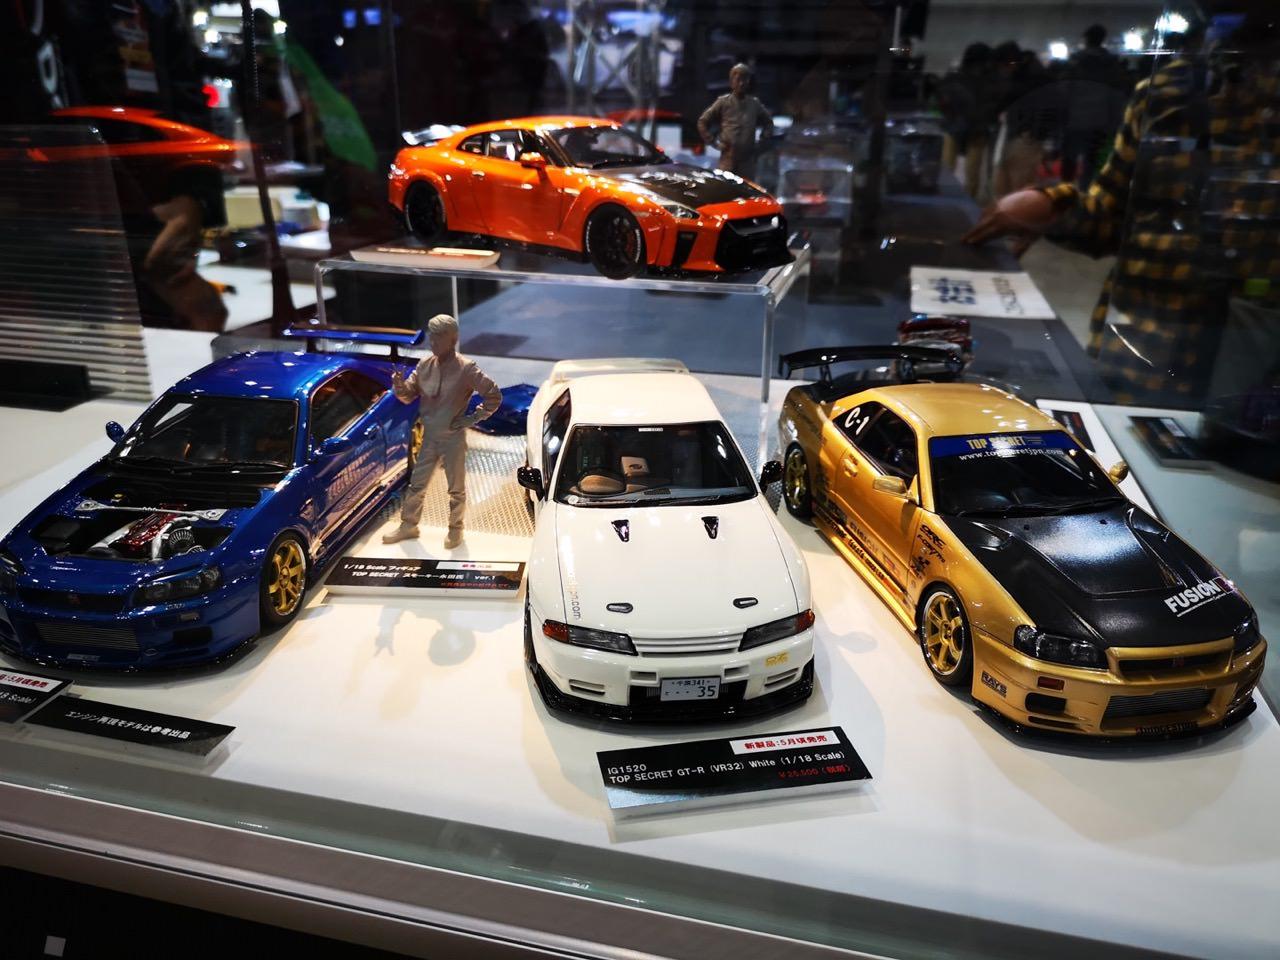 「【東京オートサロン2019】憧れのトップシークレットのコンプリートカーを購入できるチャンス!?」の9枚目の画像